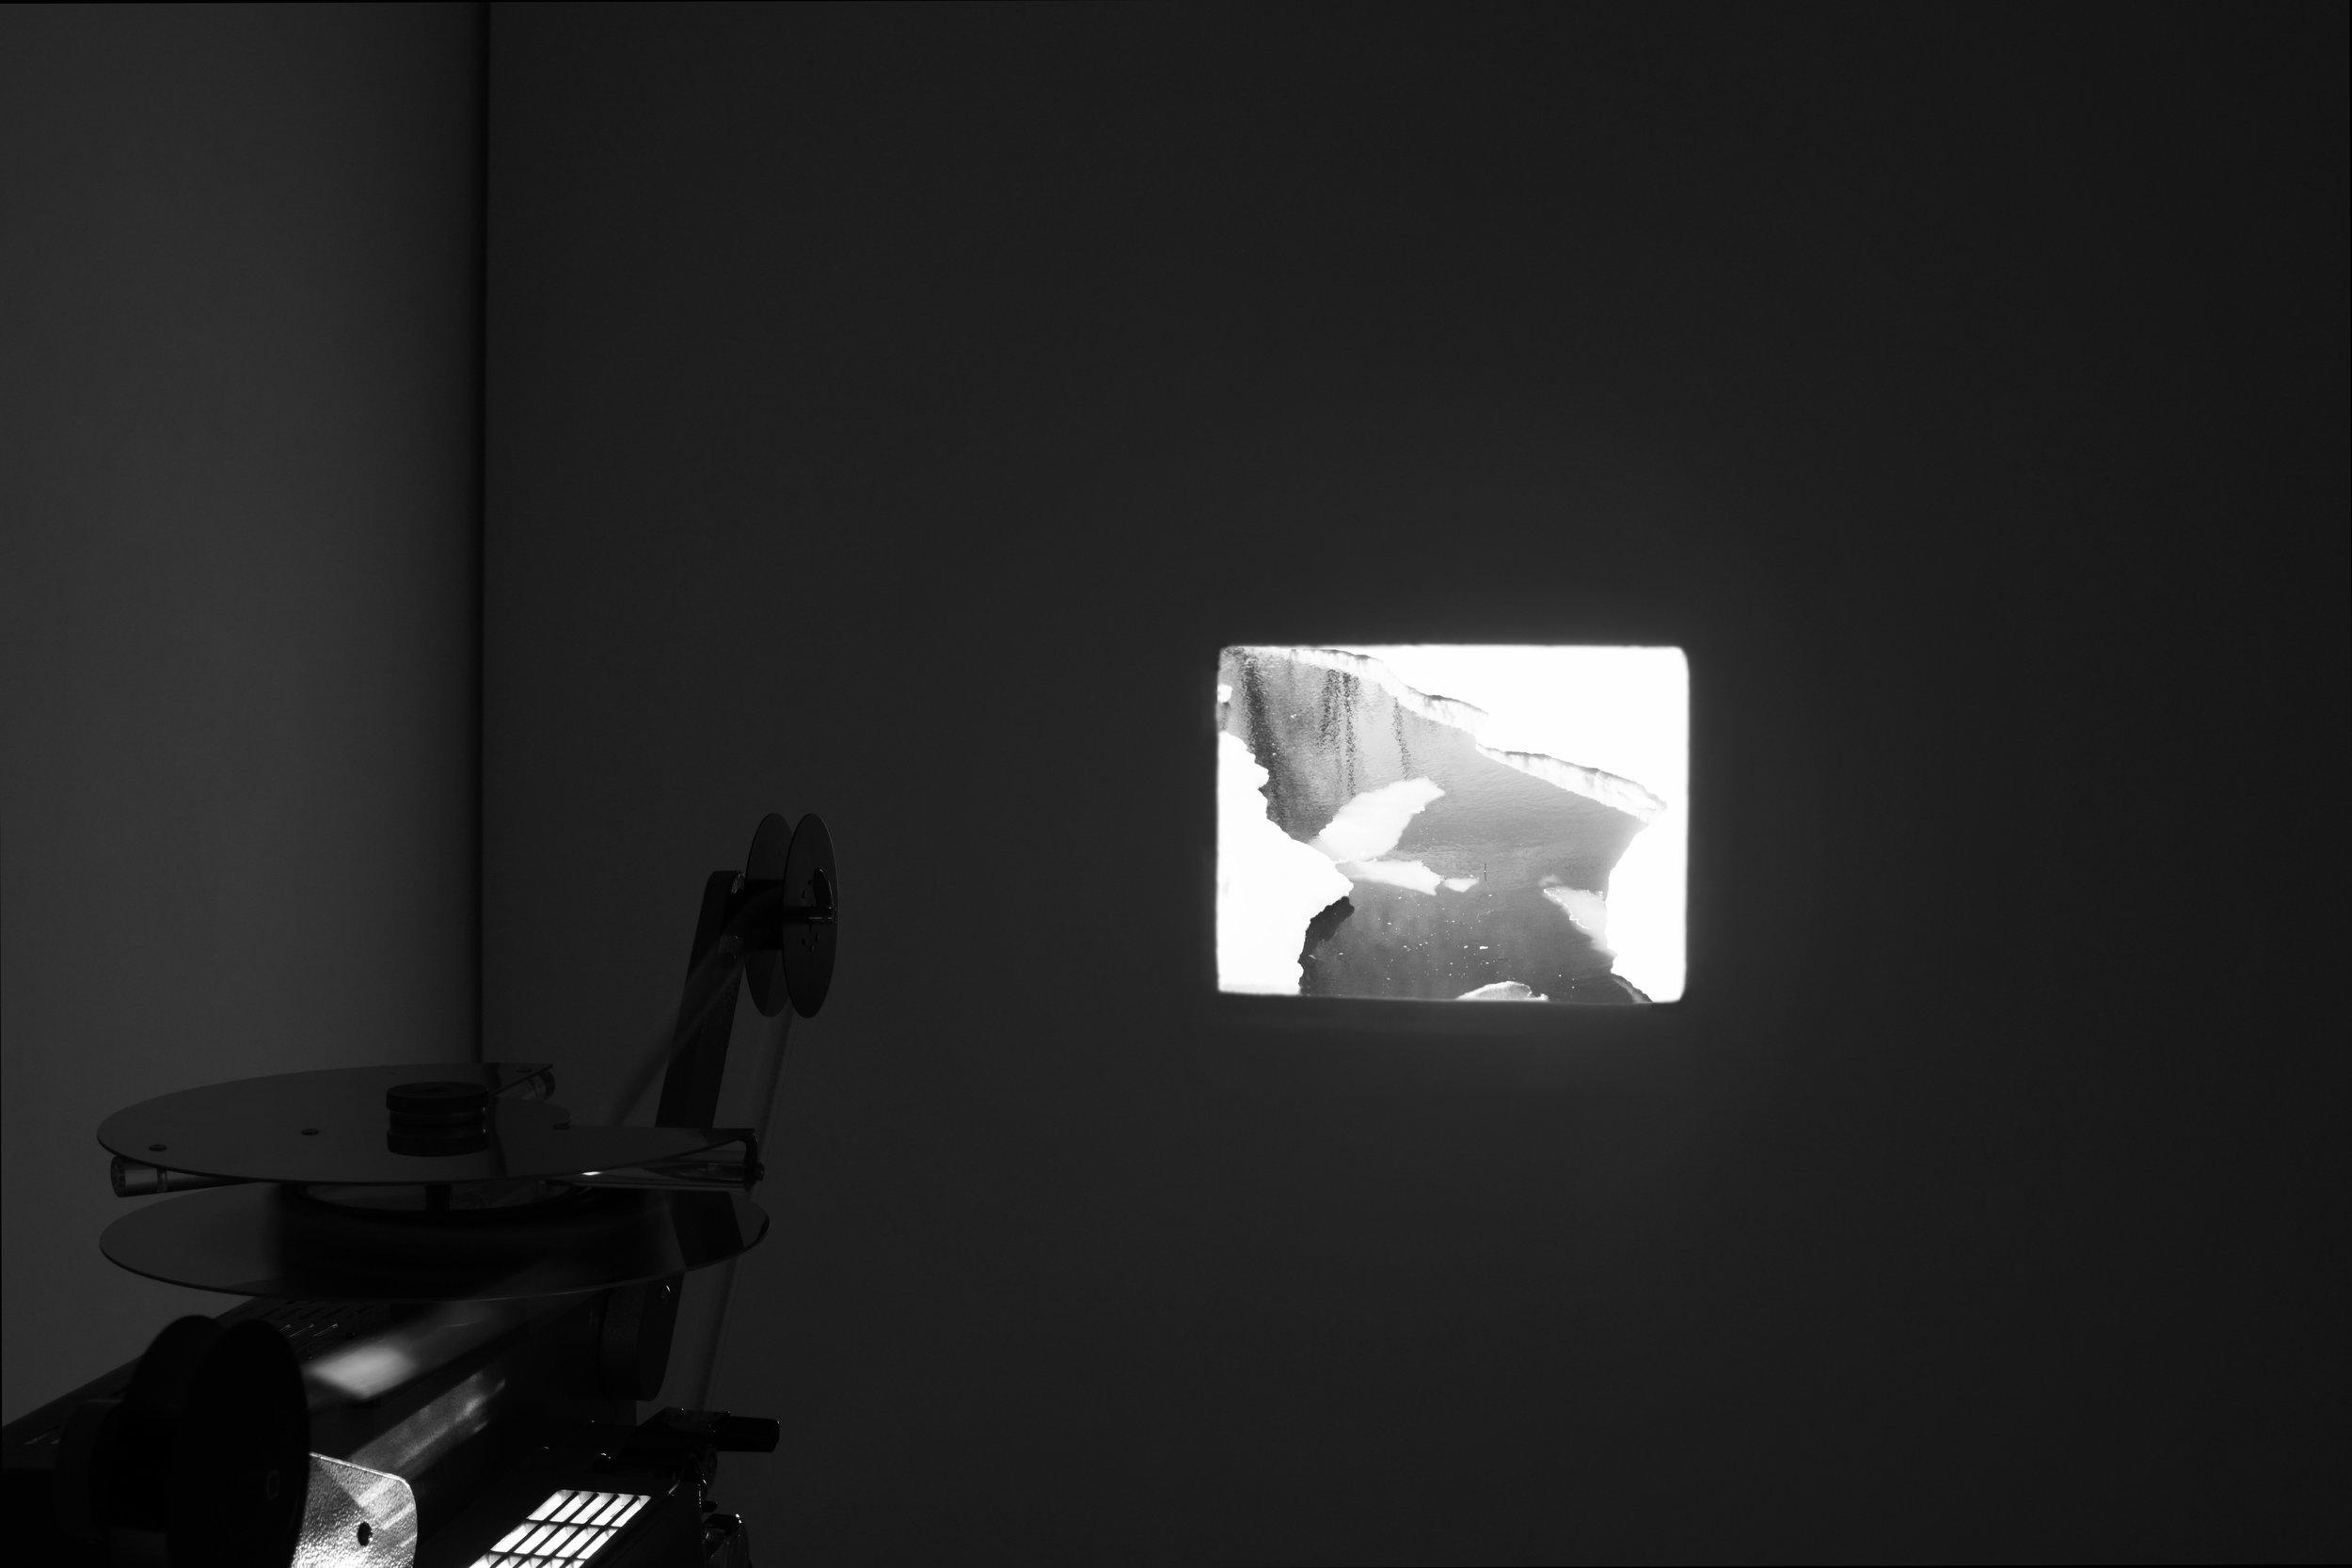 Wasserflut   2018, 1'30'', 16mm, projection, loop